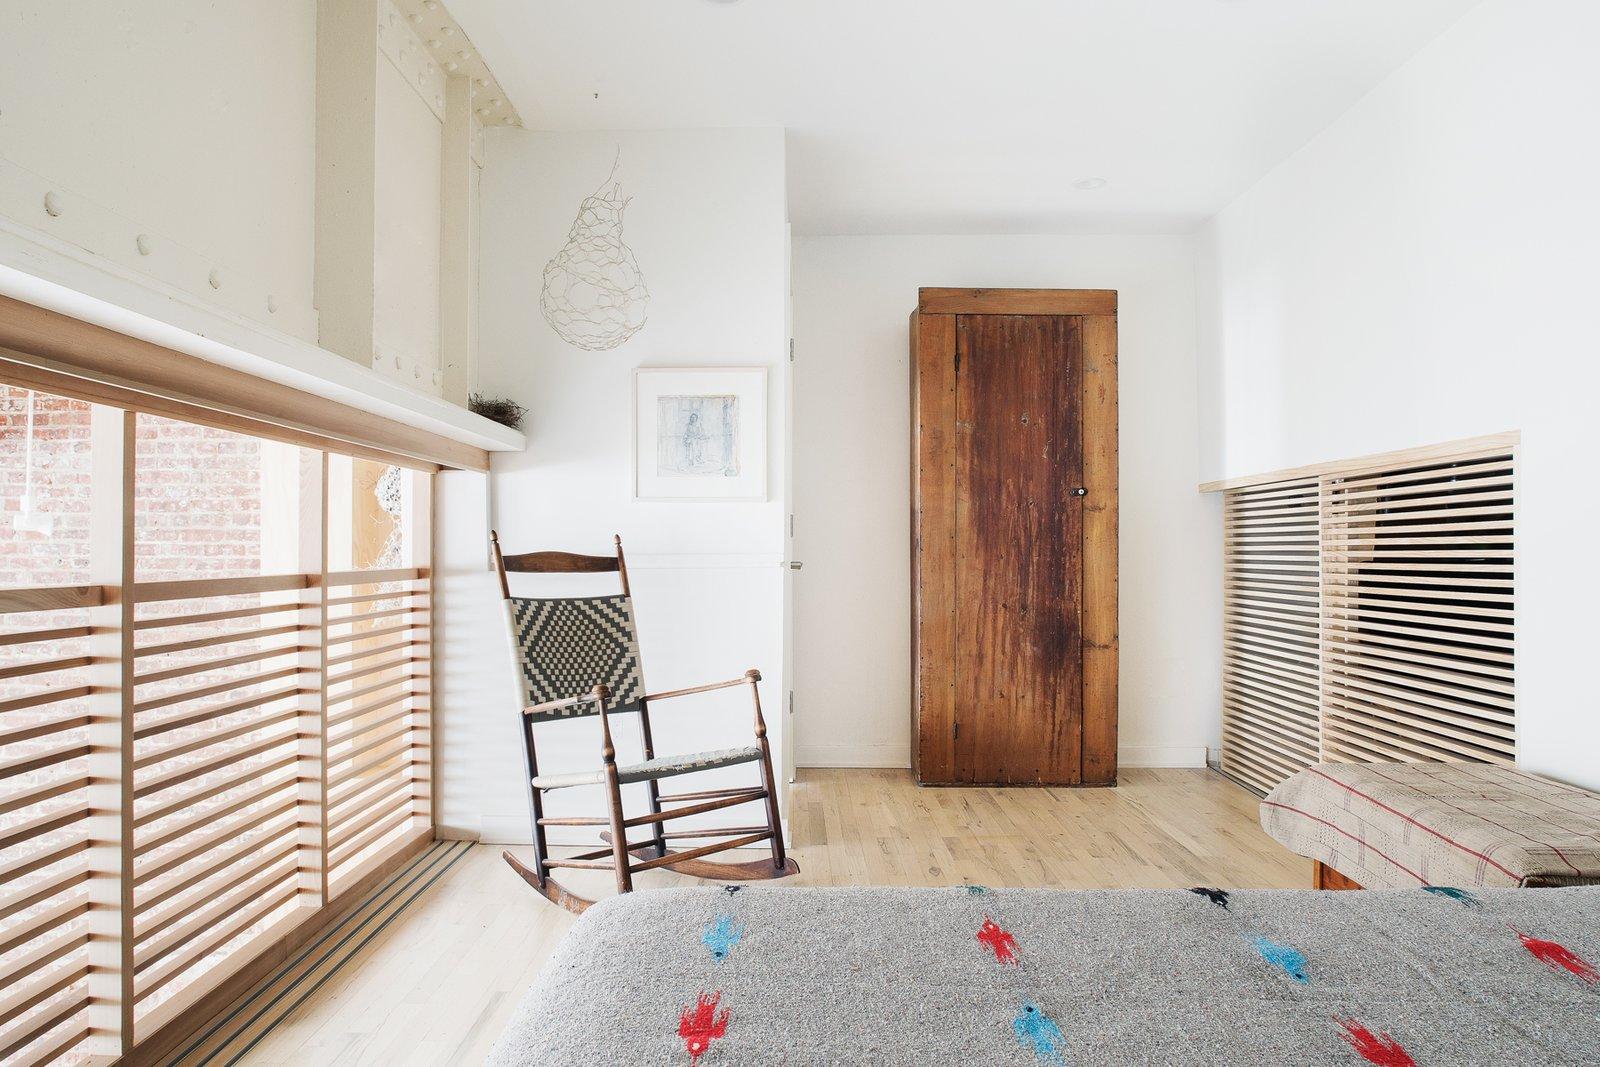 Bedroom, Wardrobe, Bed, Chair, Night Stands, Recessed Lighting, and Light Hardwood Floor Loft bedroom  Wells Fargo Loft by Jeff Jordan Architects